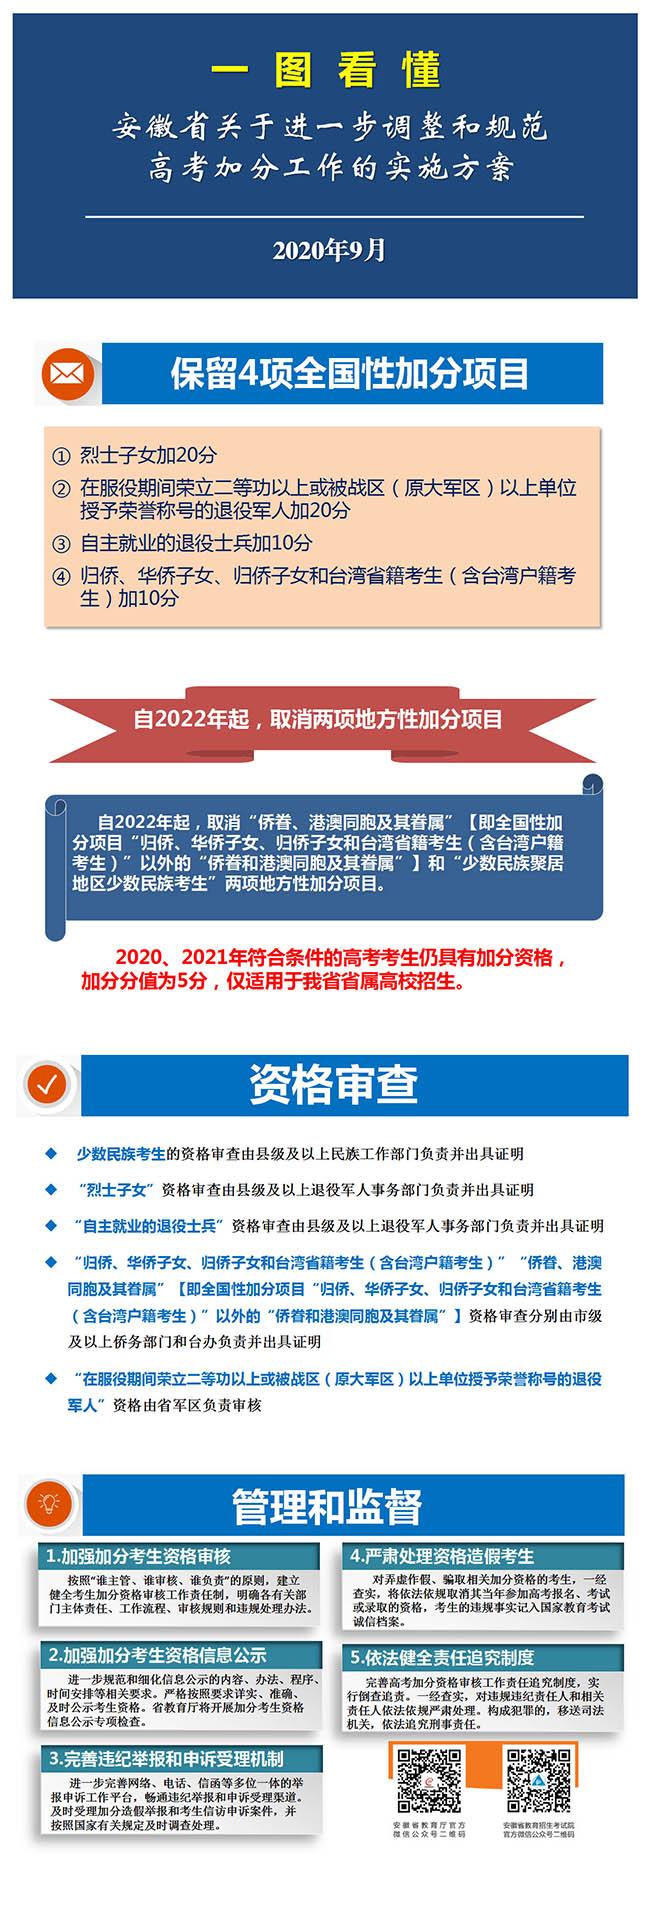 一图懂安徽省关于进一步调整和规范高考加分工作的实施方案